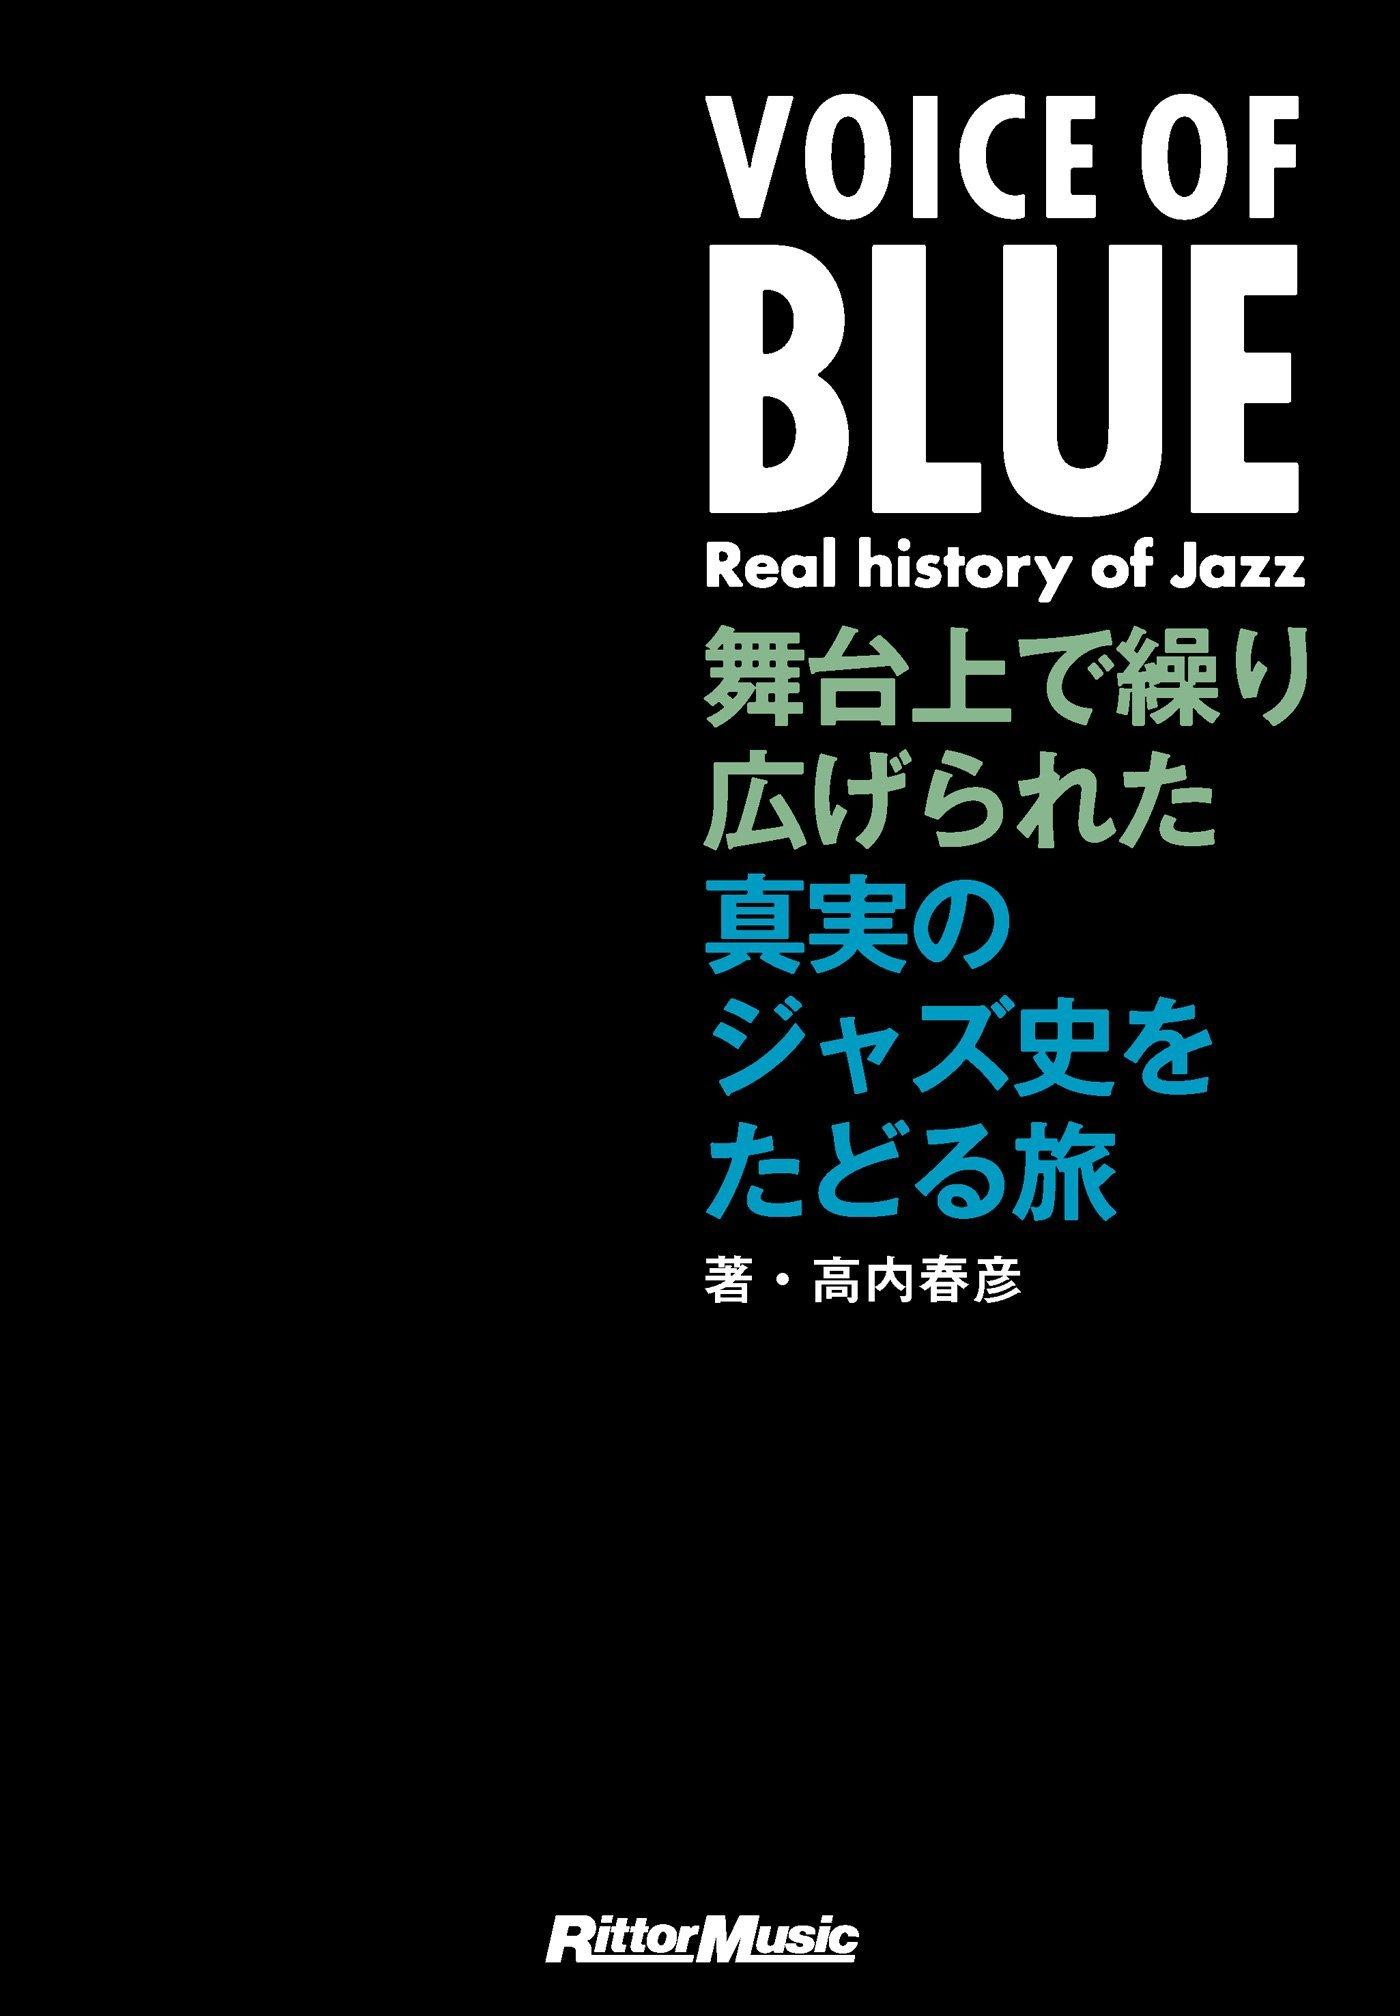 ジャズを学ぶ 『VOICE OF BLUE』  高内春彦著 _b0074416_23155085.jpg